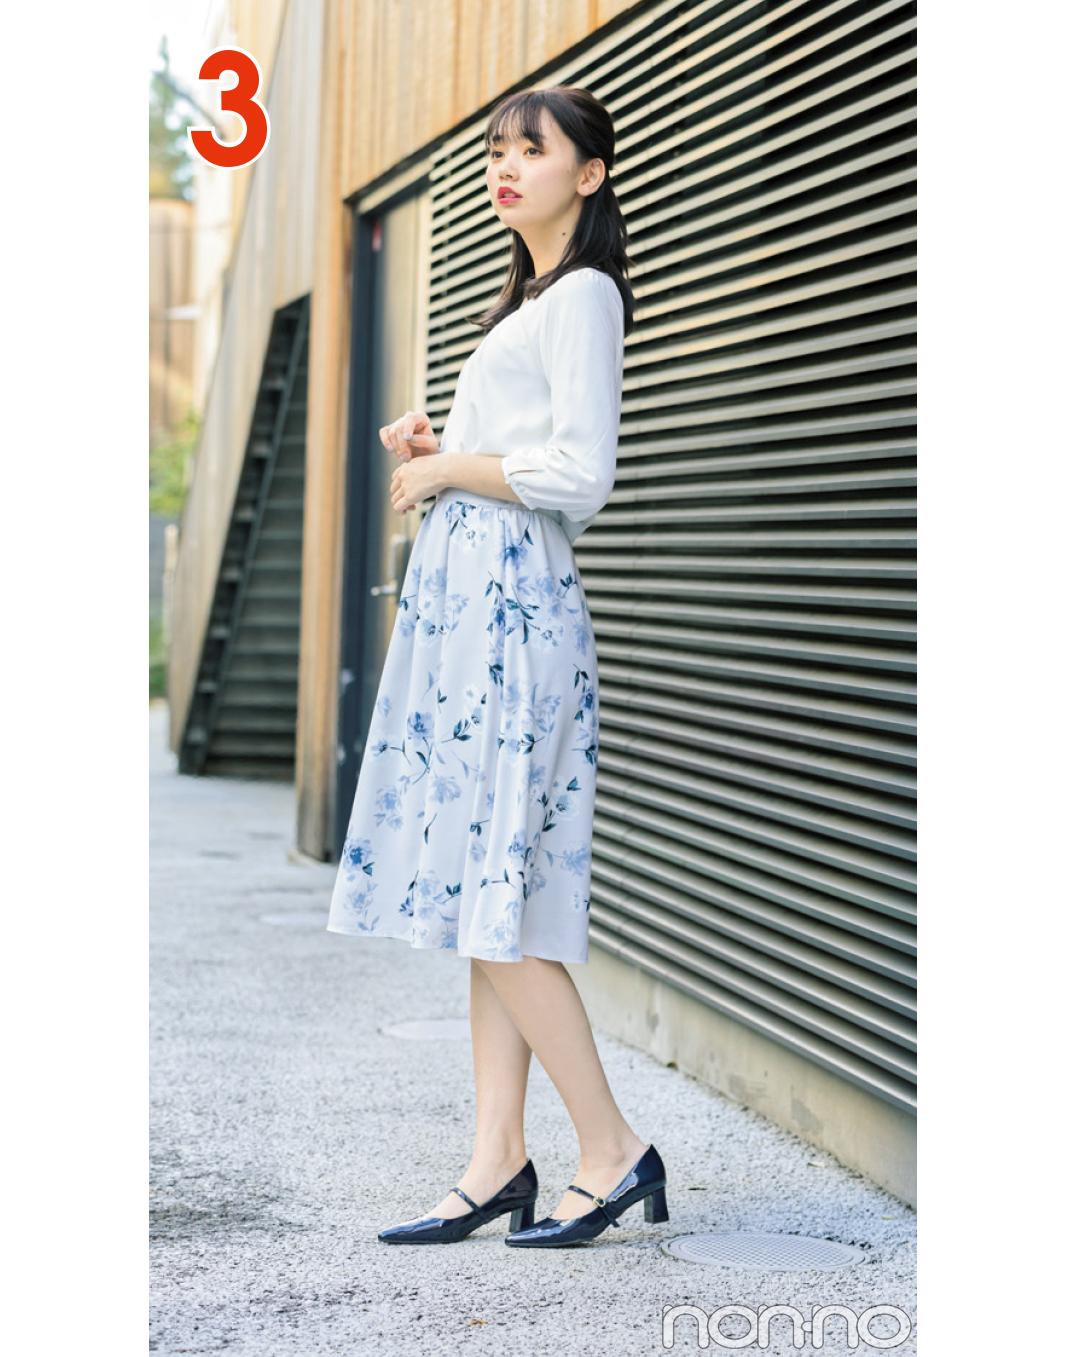 きれいめ派の花柄スカートオフィスコーデ着回し☆3月の即買いおすすめカタログつき!_1_3-2